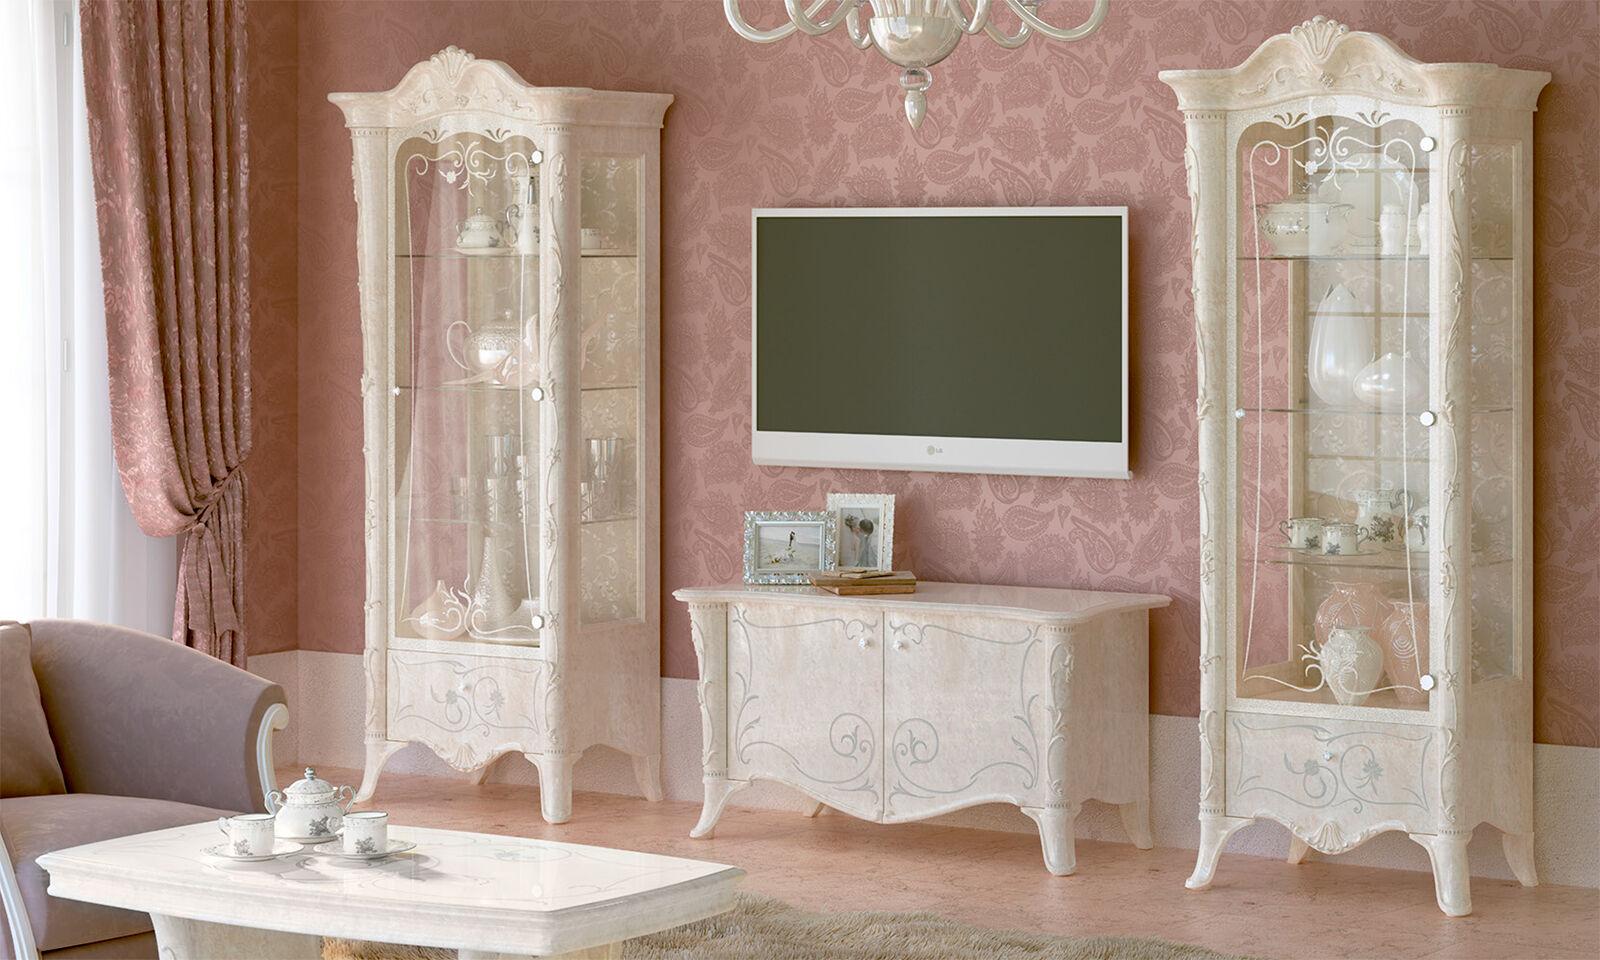 exklusive wohnzimmer guilietta farbe wei perlmutt aus italien stilm bel klassik eur. Black Bedroom Furniture Sets. Home Design Ideas